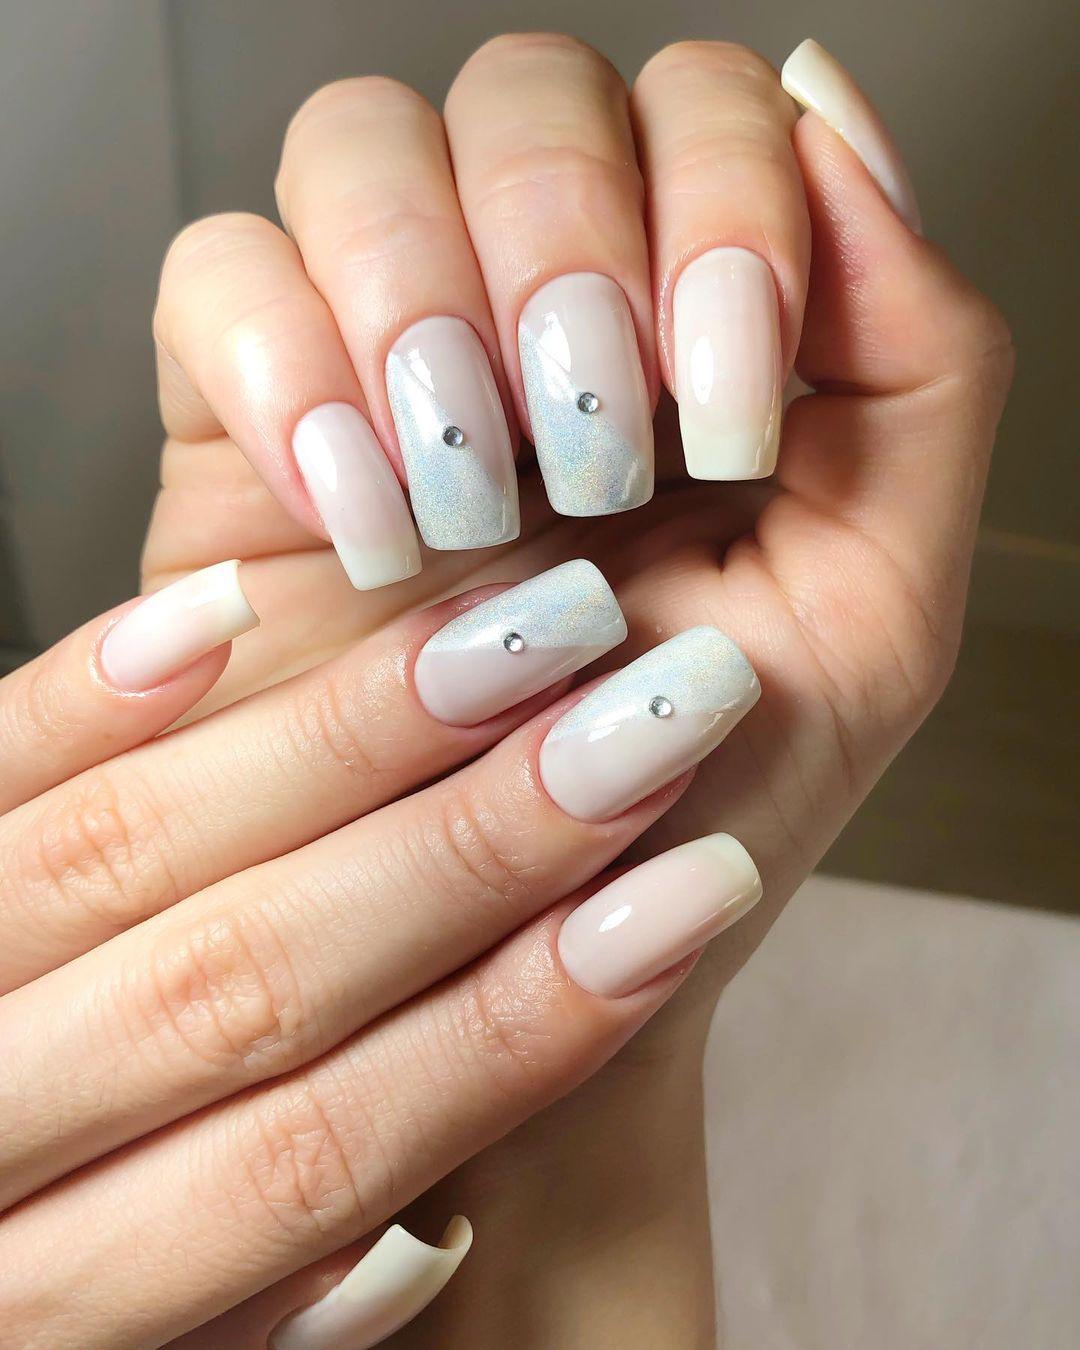 1612737284 191 30 fotos de unas en colores pastel y consejos de - 30 fotos de uñas en colores pastel y consejos de esmalte de uñas para ti